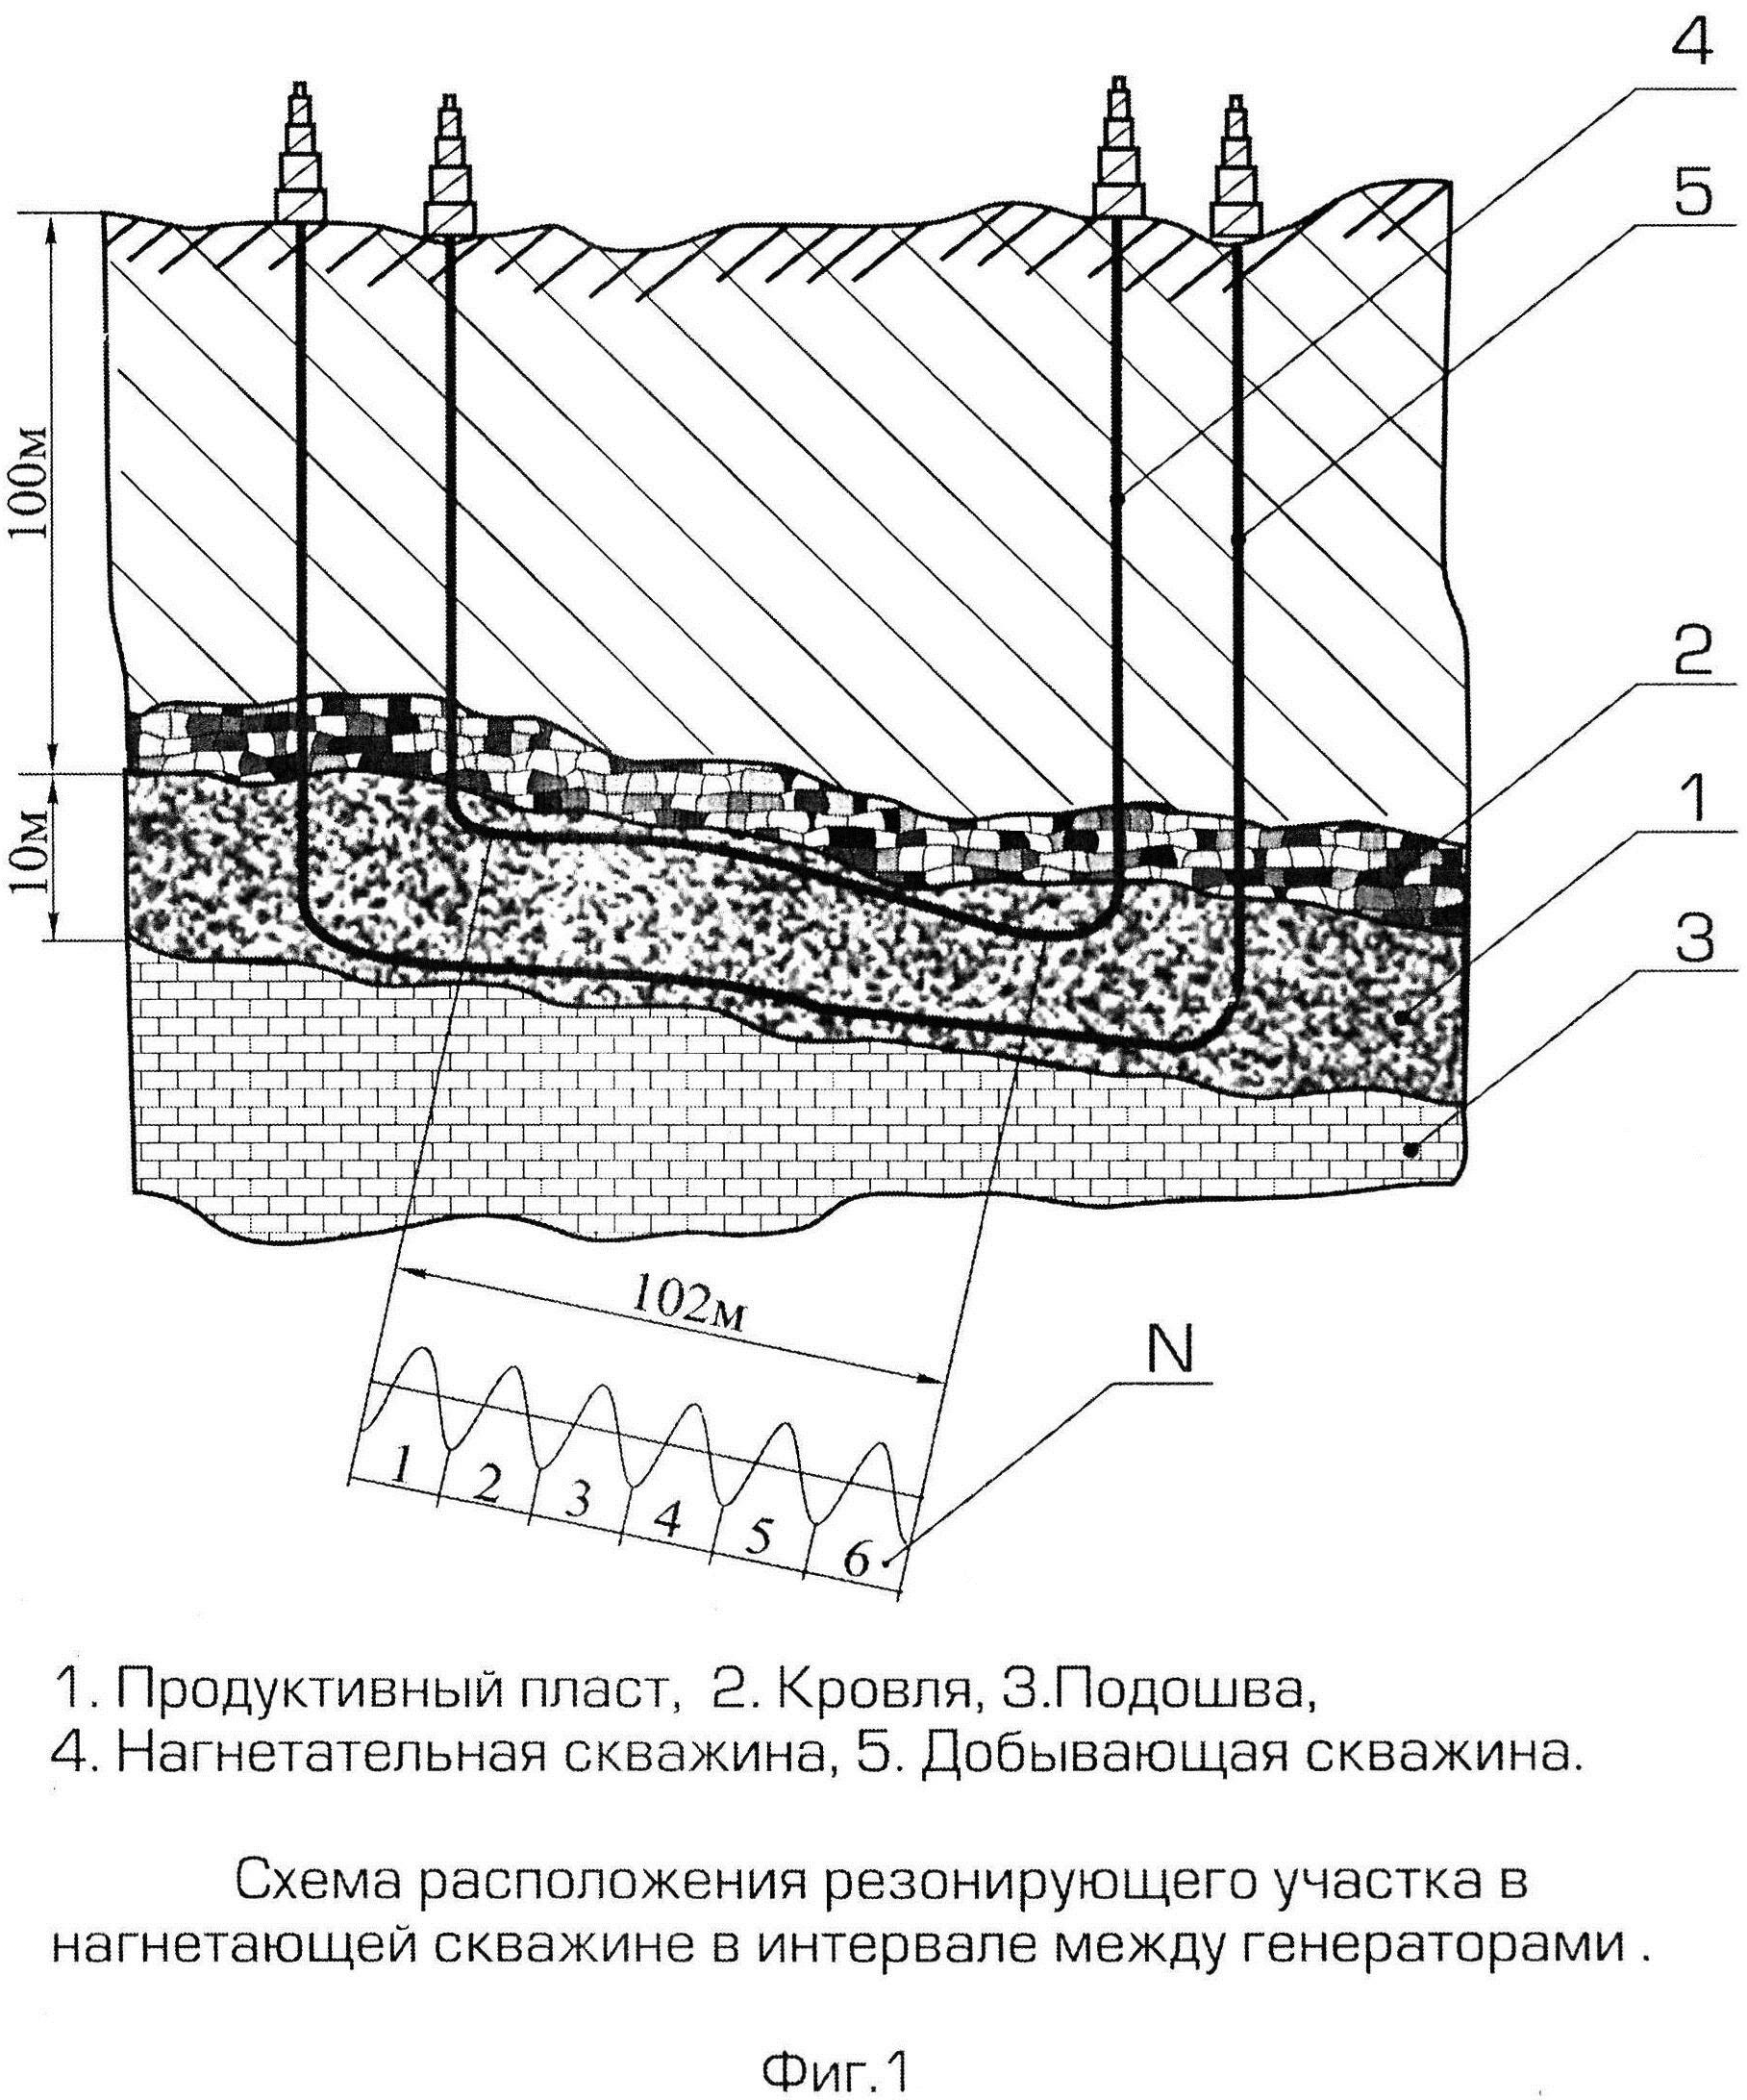 Способ и устройство для совмещения парогравитационного дренажа с виброволновым воздействием на продуктивный пласт в условиях горизонтальных скважин